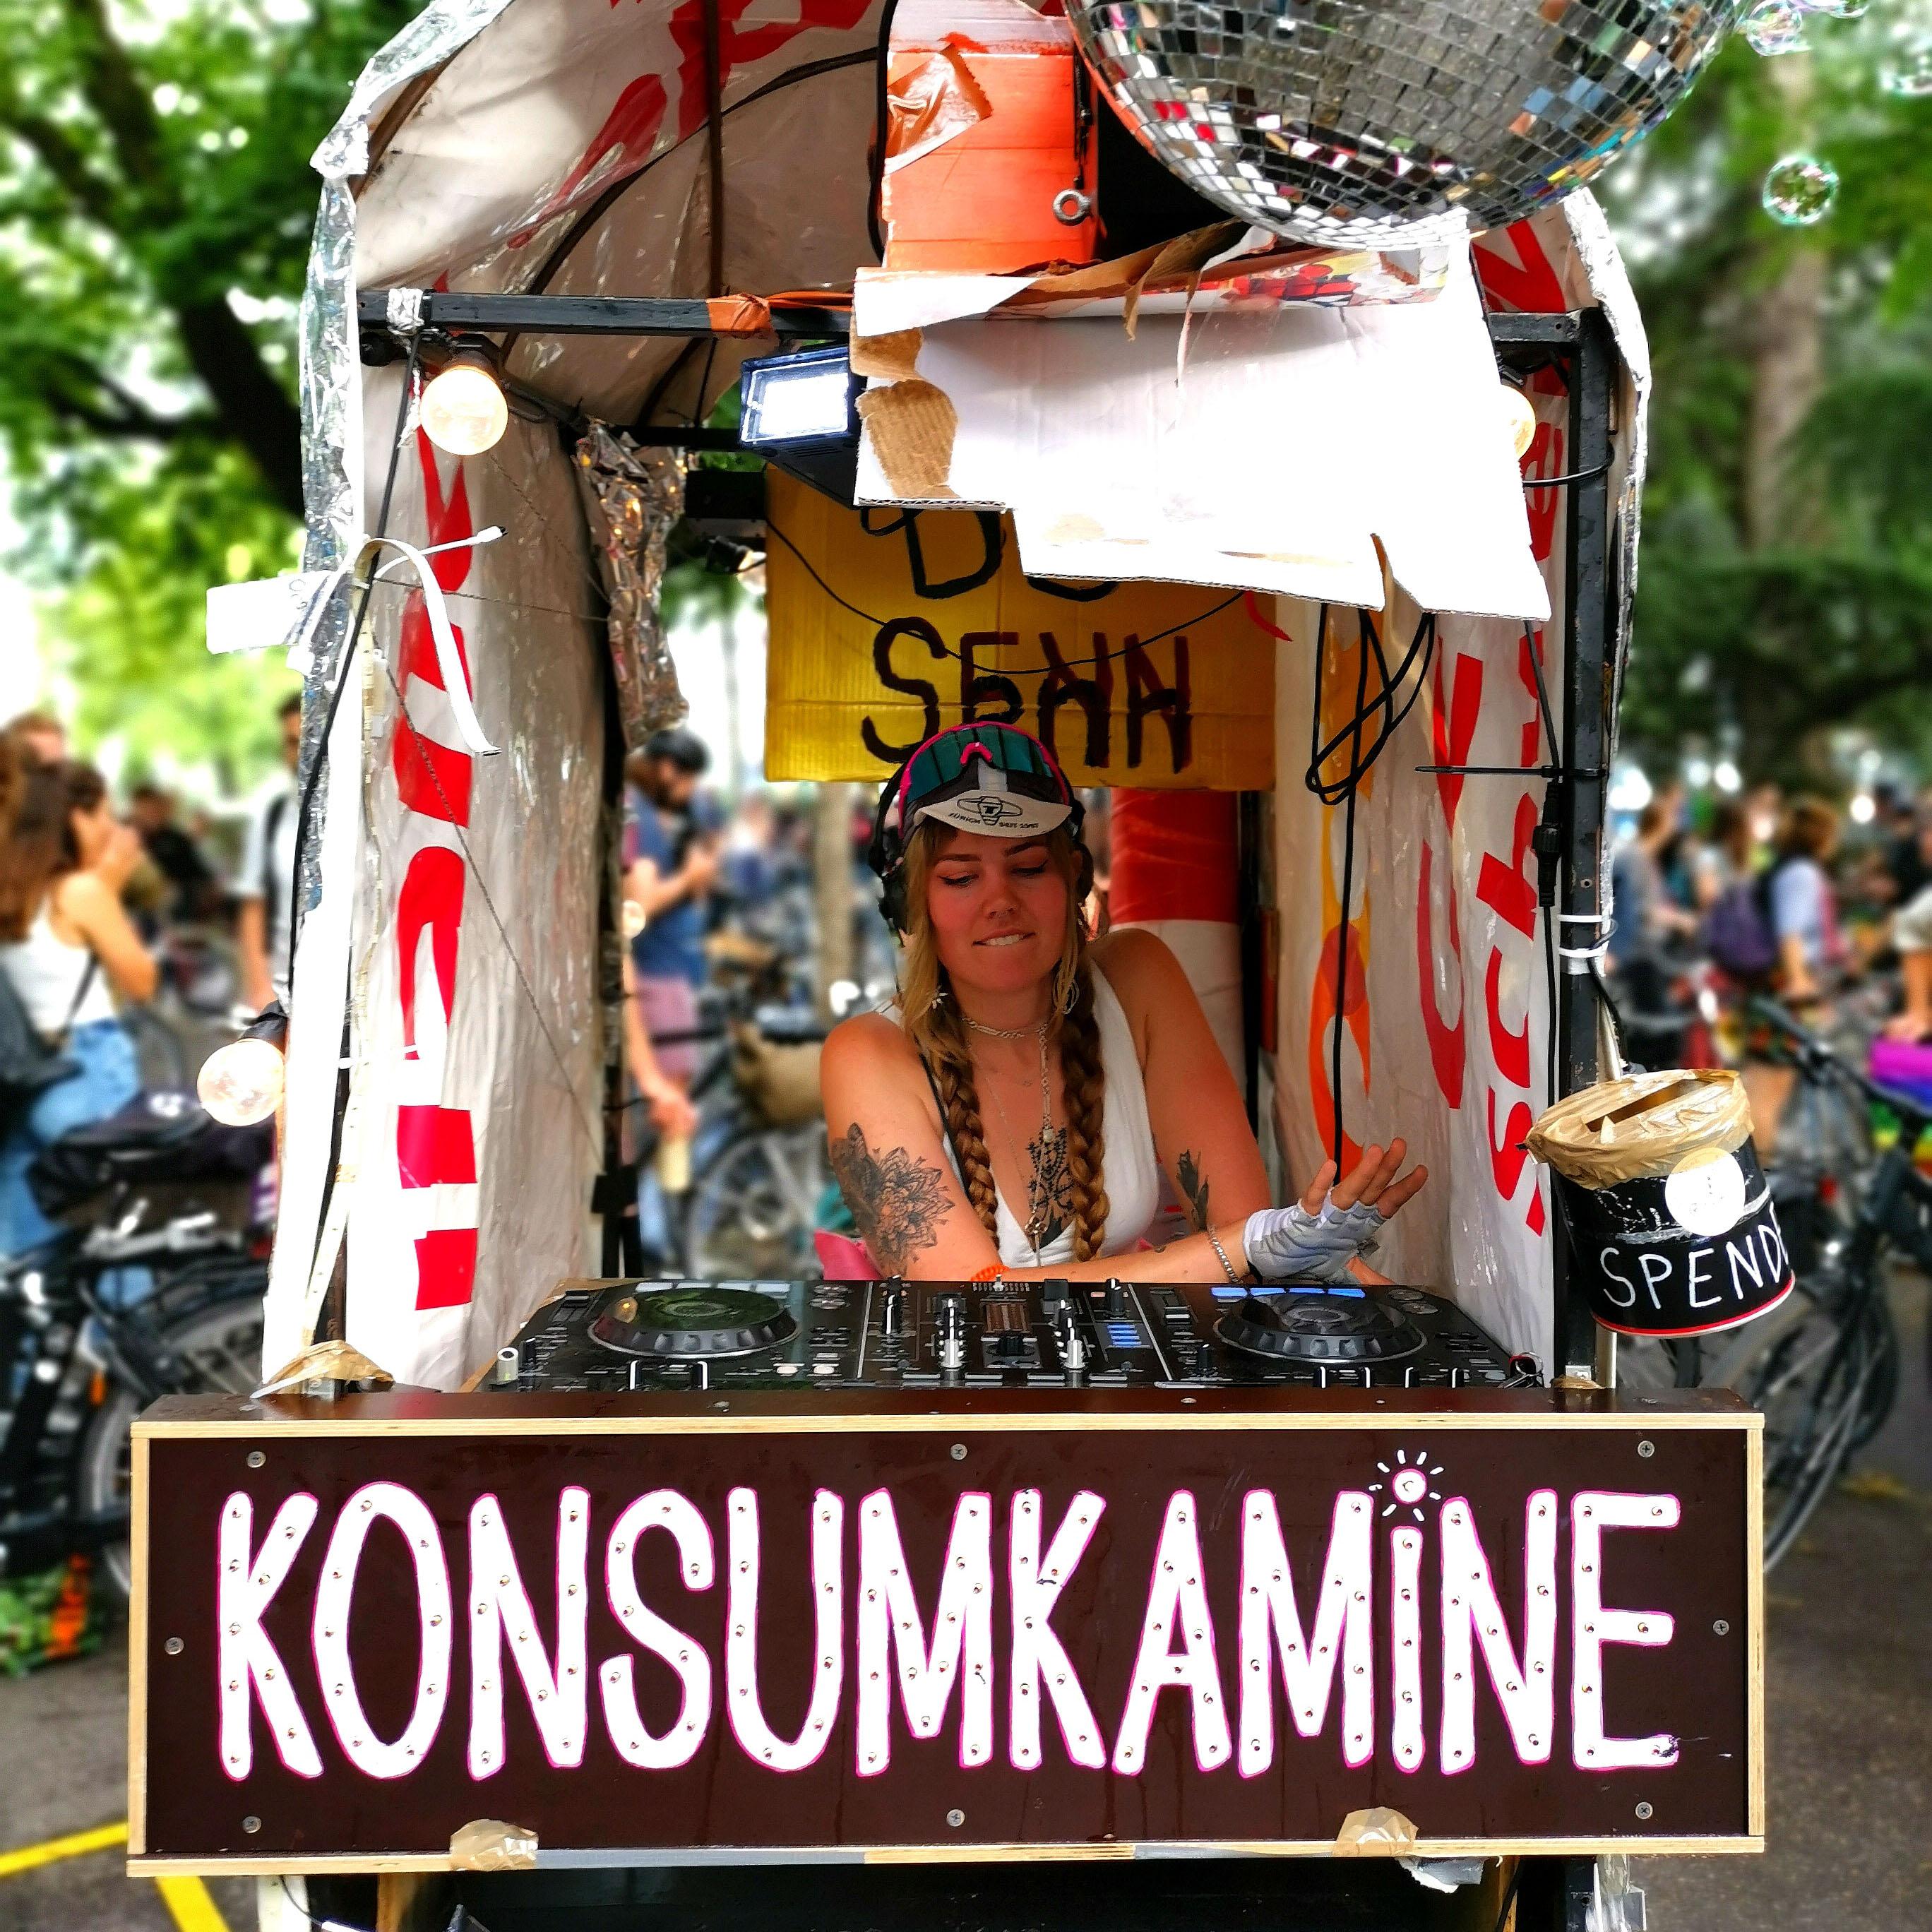 Kosumkamine an der Critical Mass